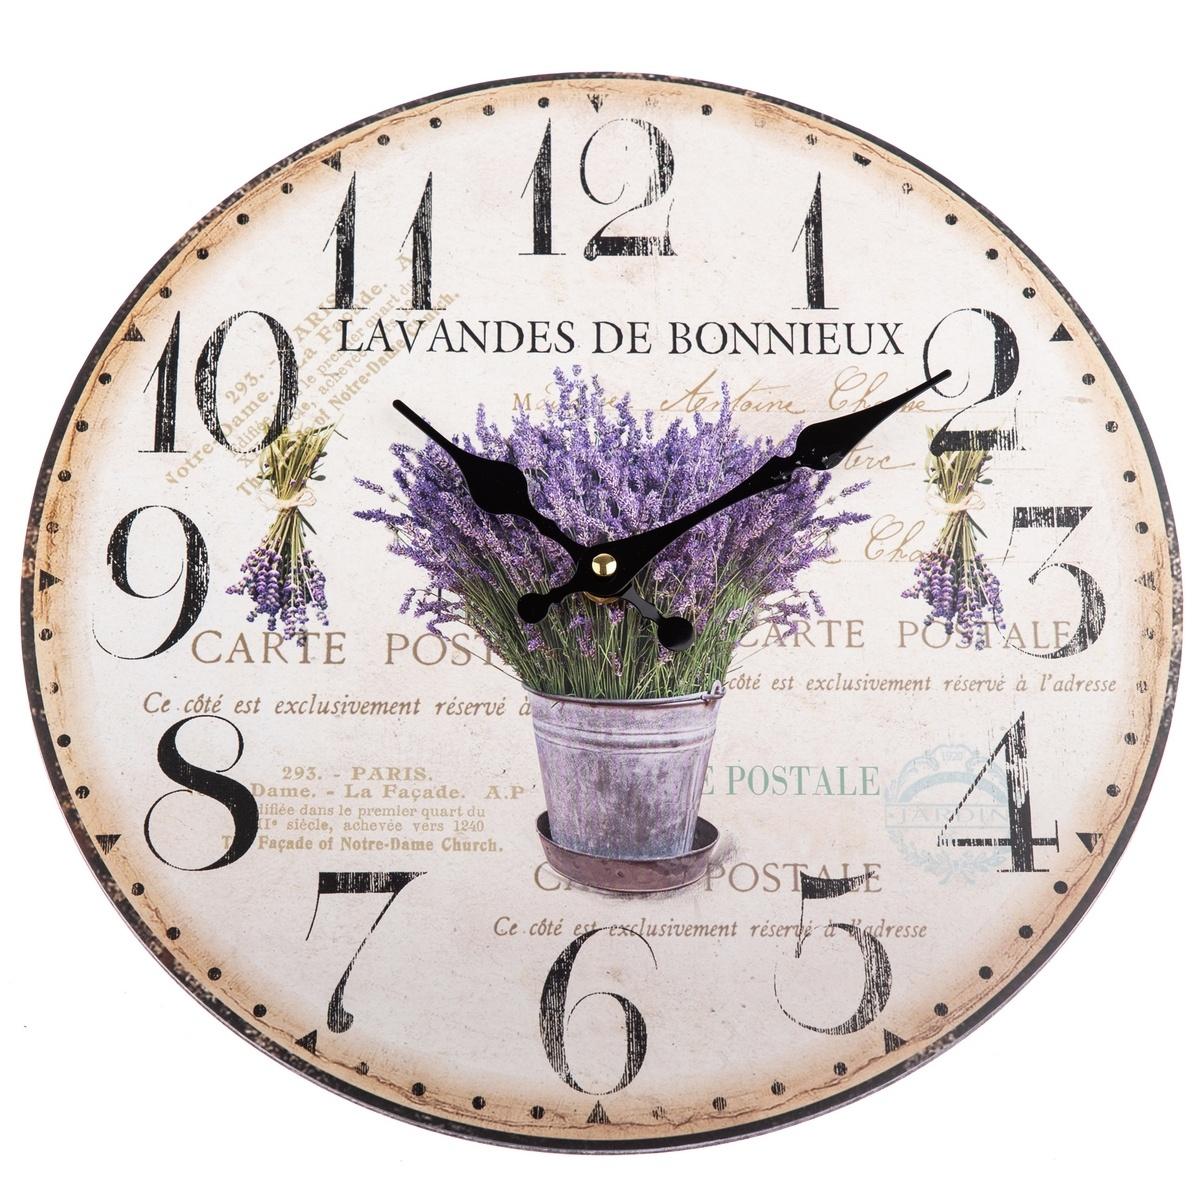 Nástěnné hodiny Lavandes de Bonnieux, 34 cm